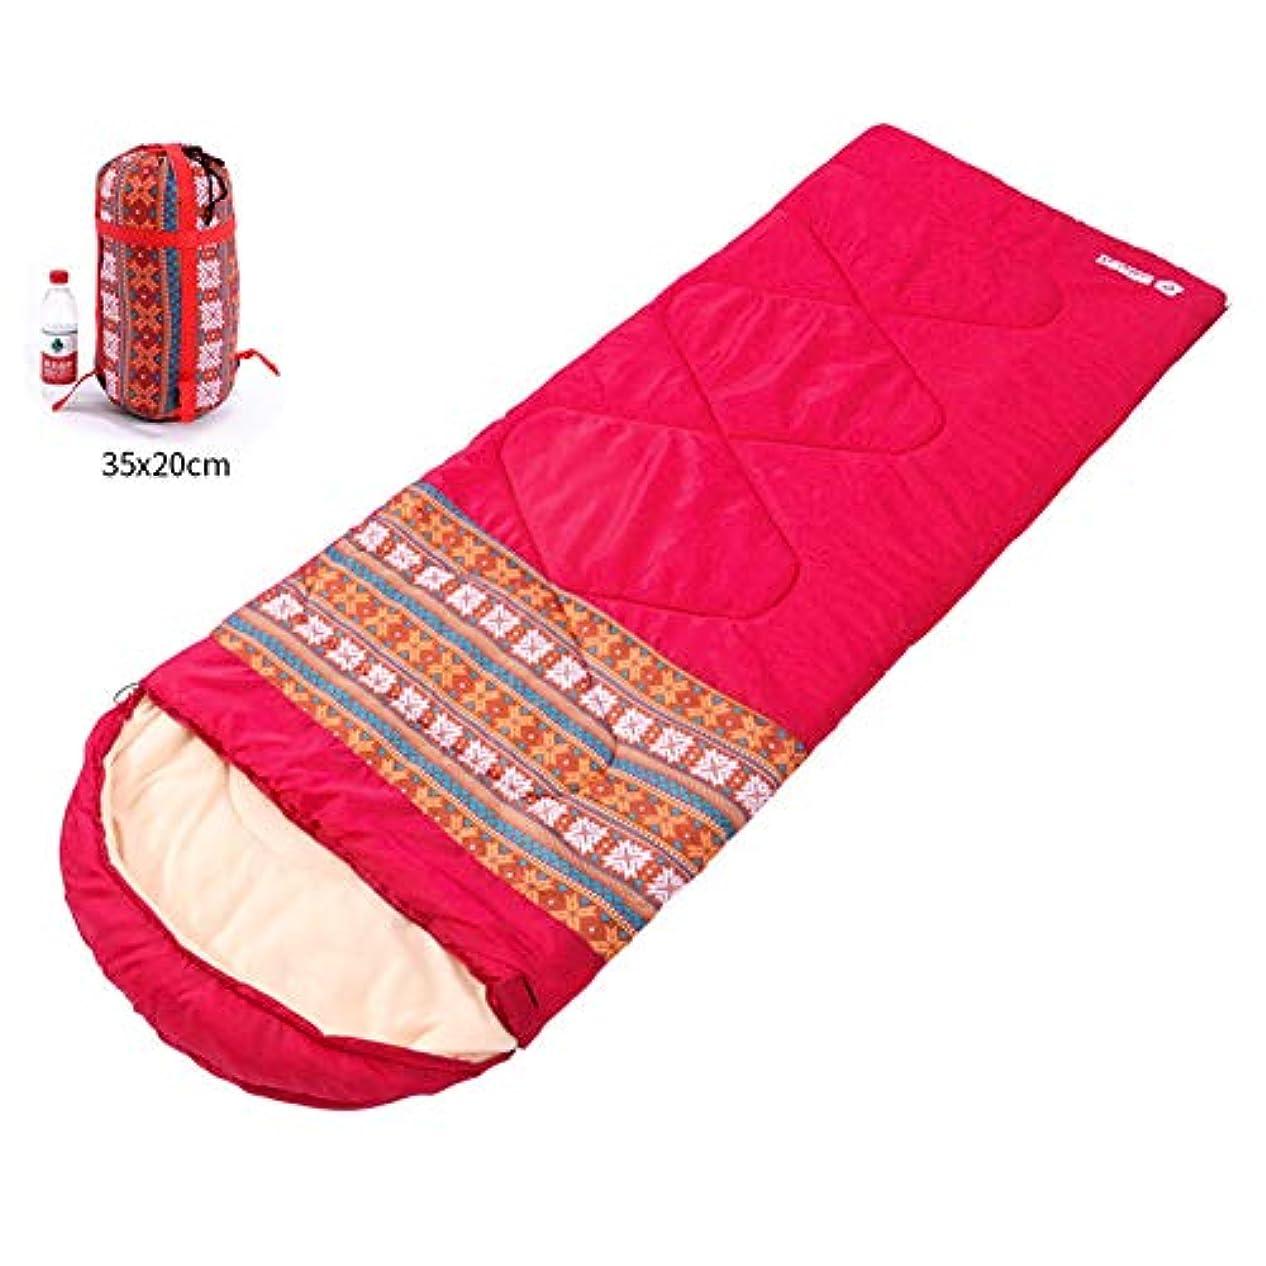 顧問噴水中国寝袋、暖かい快適な睡眠バッグポータブル軽量スリーピングパッド国立風封筒大人の睡眠袋グレートのためのキャンプハイキングアウトドア活動,Red,1.35kg